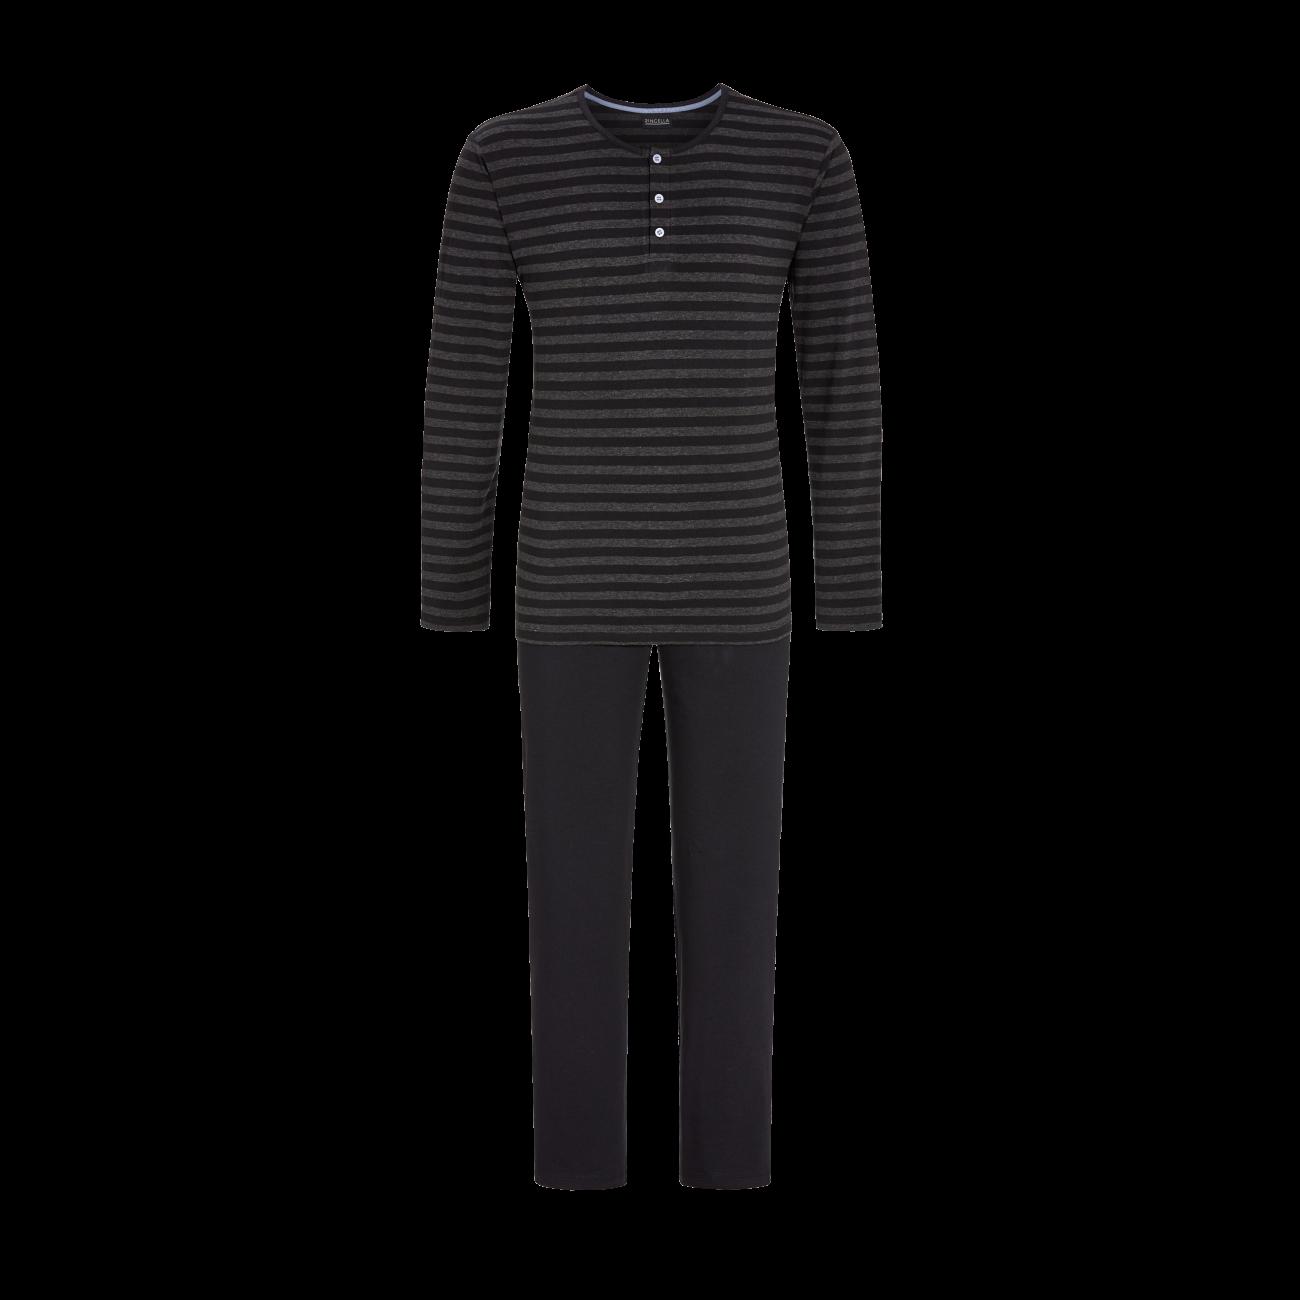 Pyjama mit Knopfleiste schwarz   50